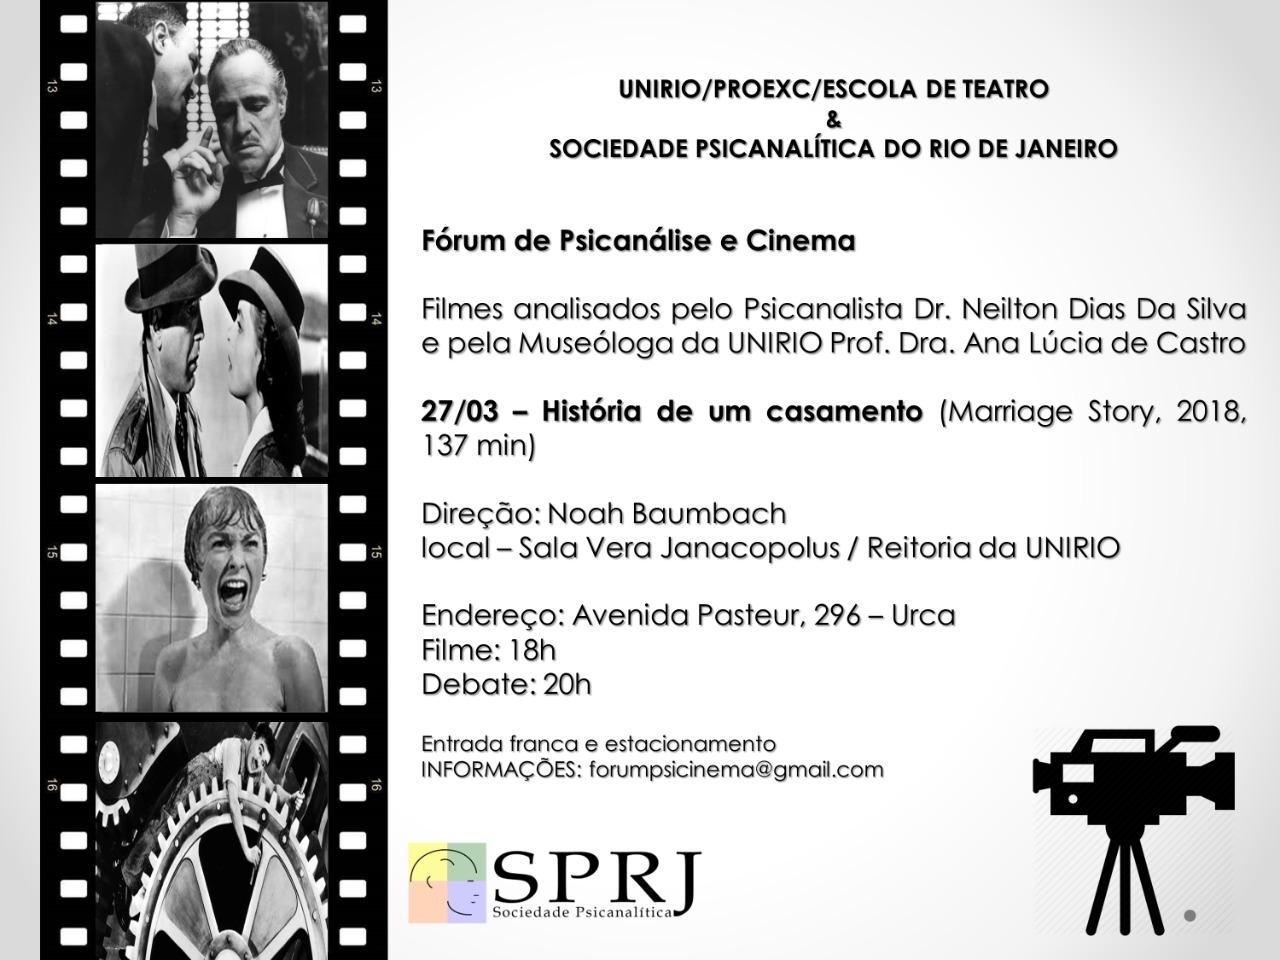 UNIRIO / PROEXC / ESCOLA DE TEATRO @ Unirio | Rio de Janeiro | Brasil